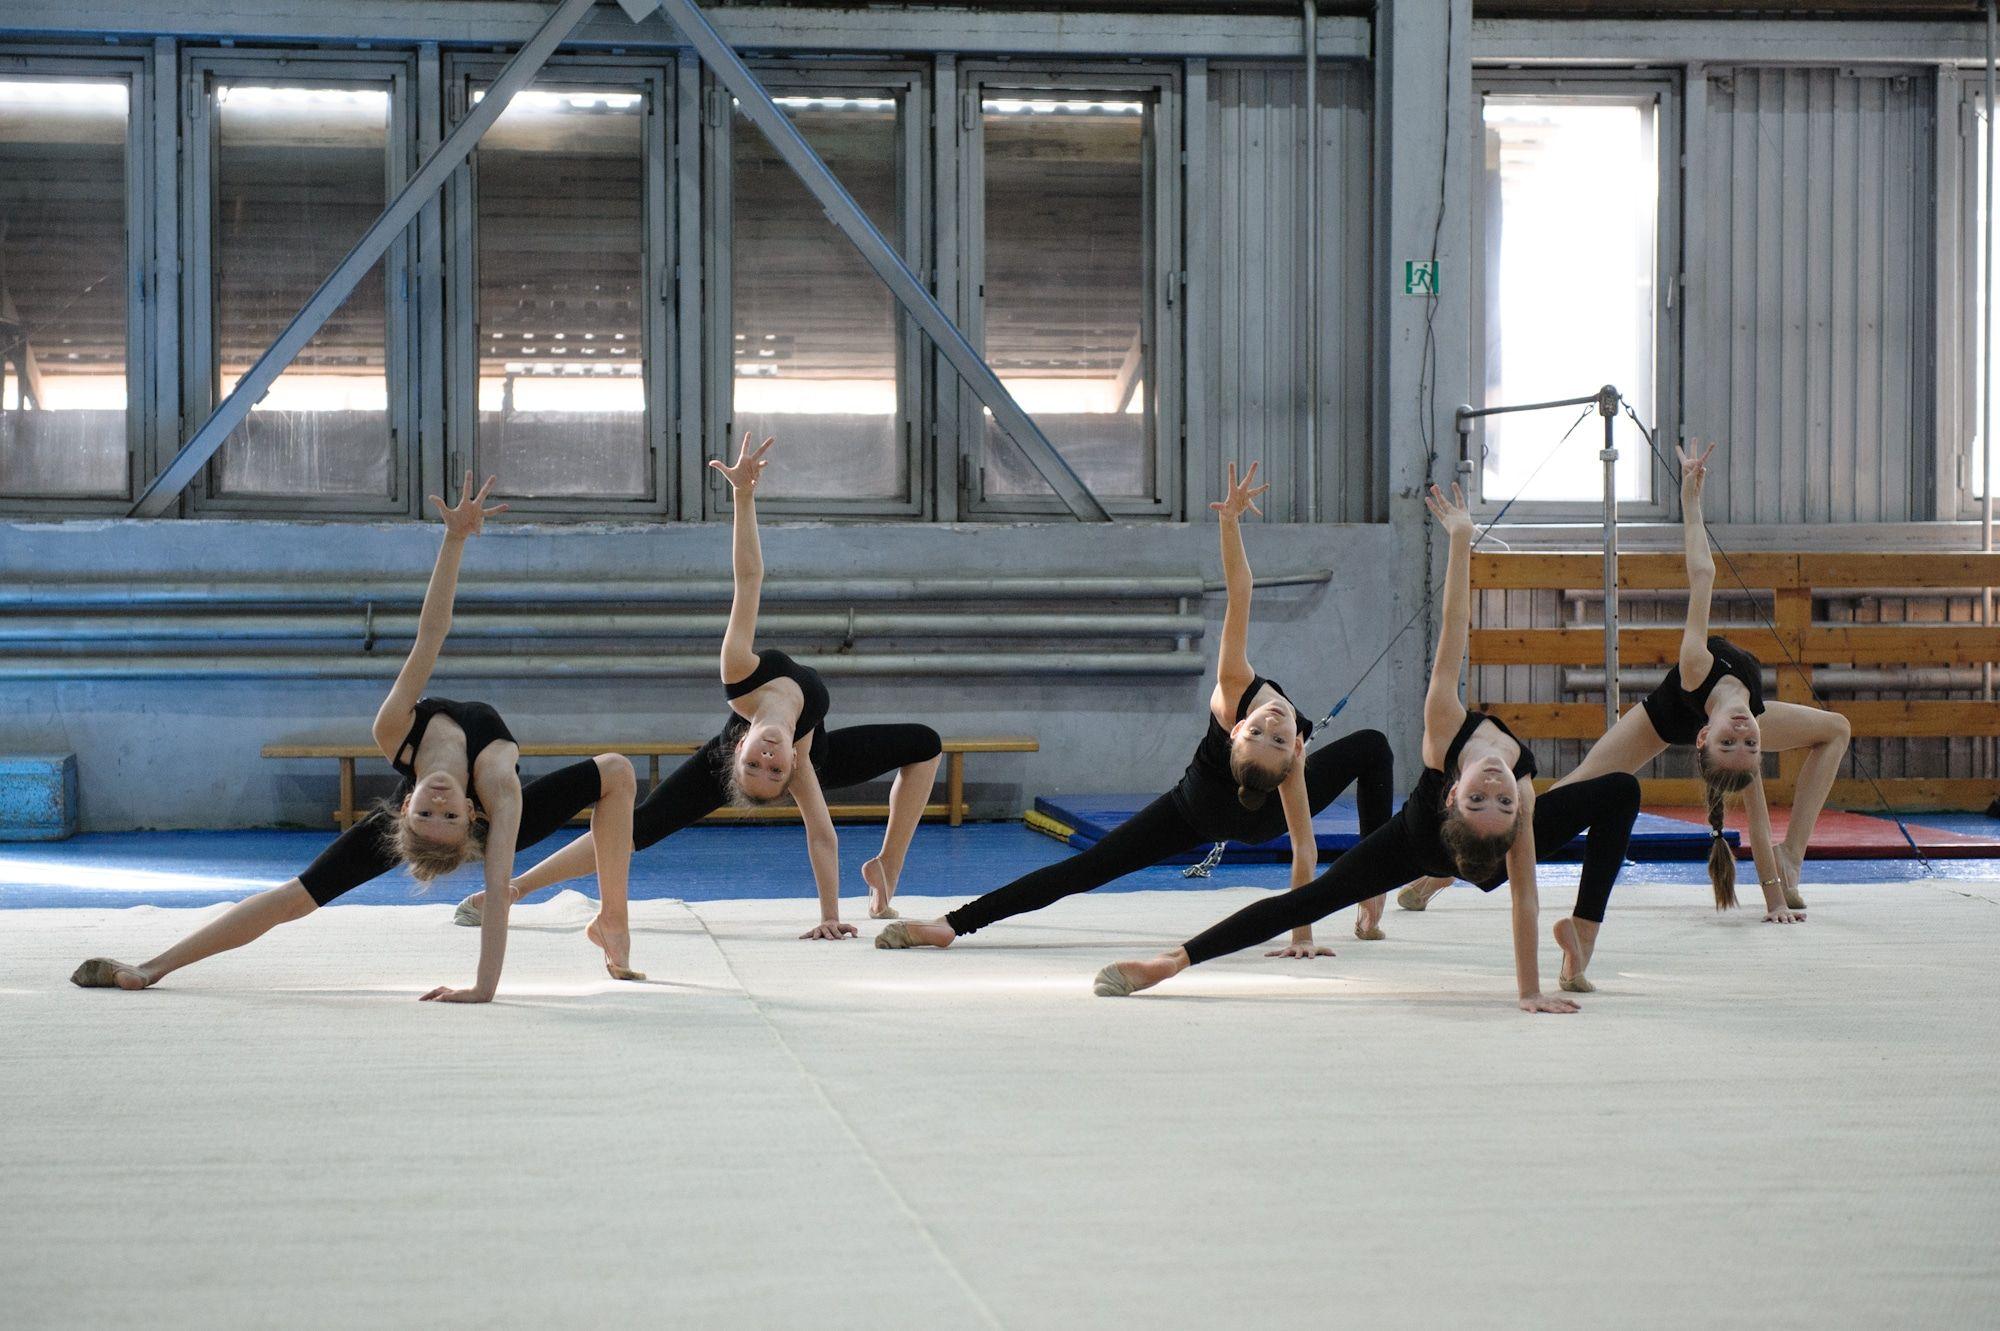 Первая в мире Высшая школа художественного движения была открыта в 1913  году в Санкт-Петербурге. Первый чемпионат СССР по художественной гимнастике  ... 57c668050a0b3